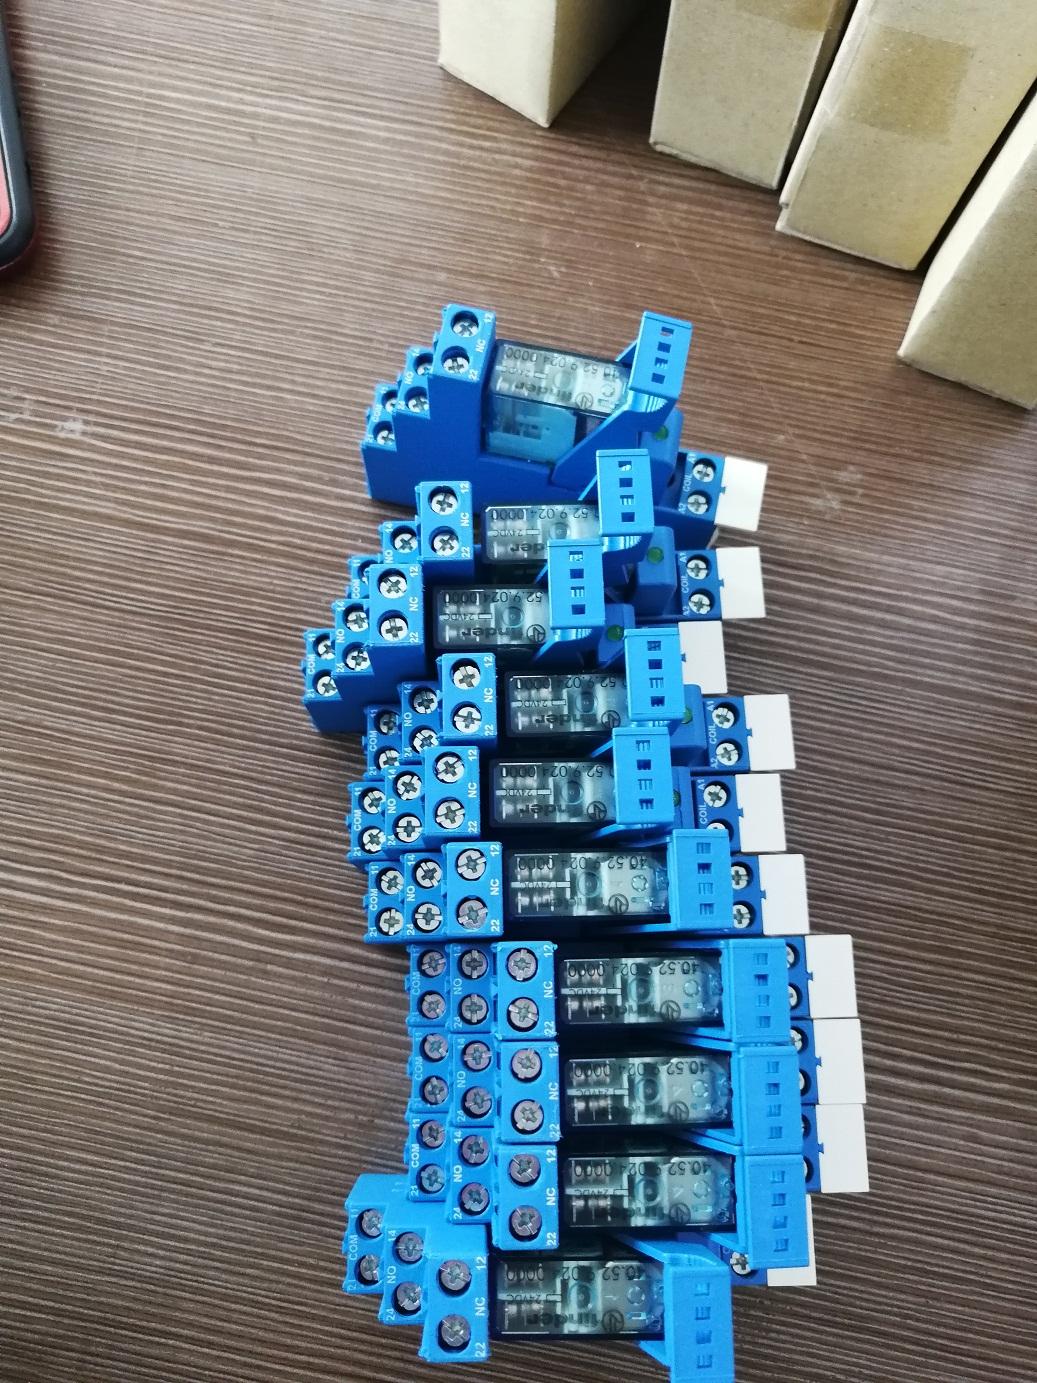 2020.07.29上海盛霞FINDER继电器到货照片